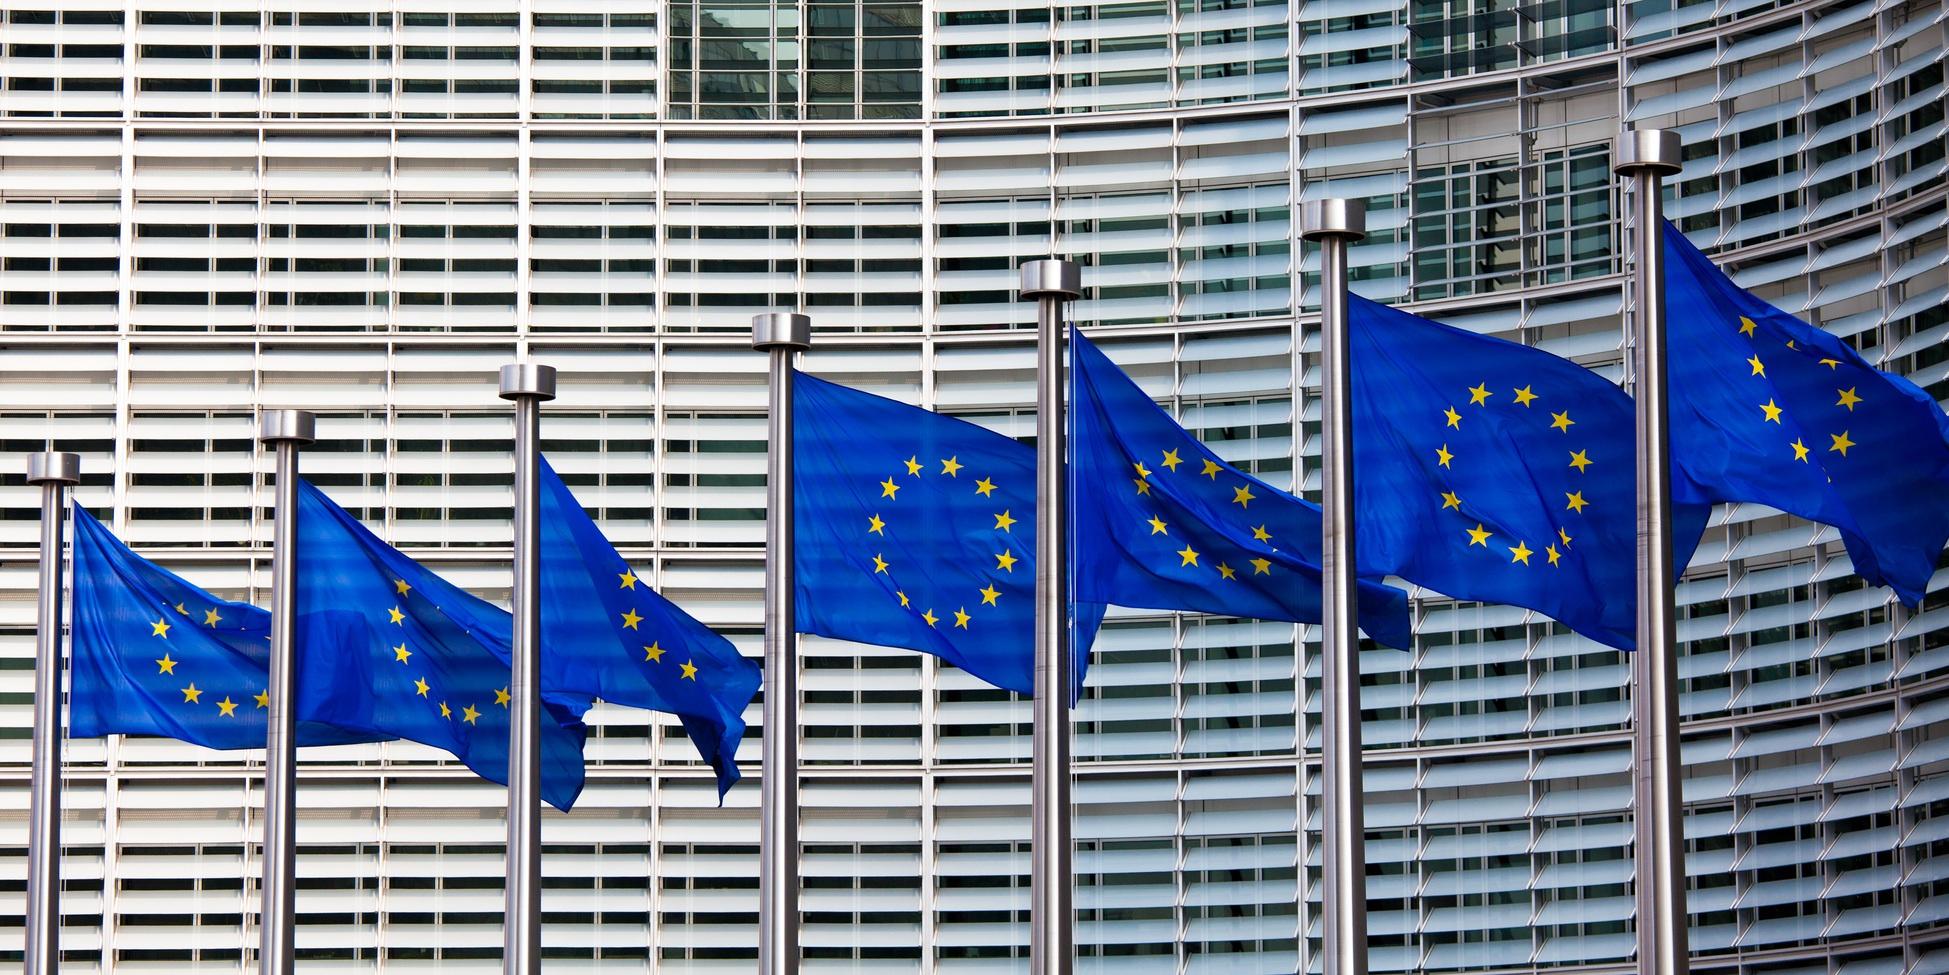 Più segreti commerciali, meno diritto all'informazione. La proposta della Commissione europea